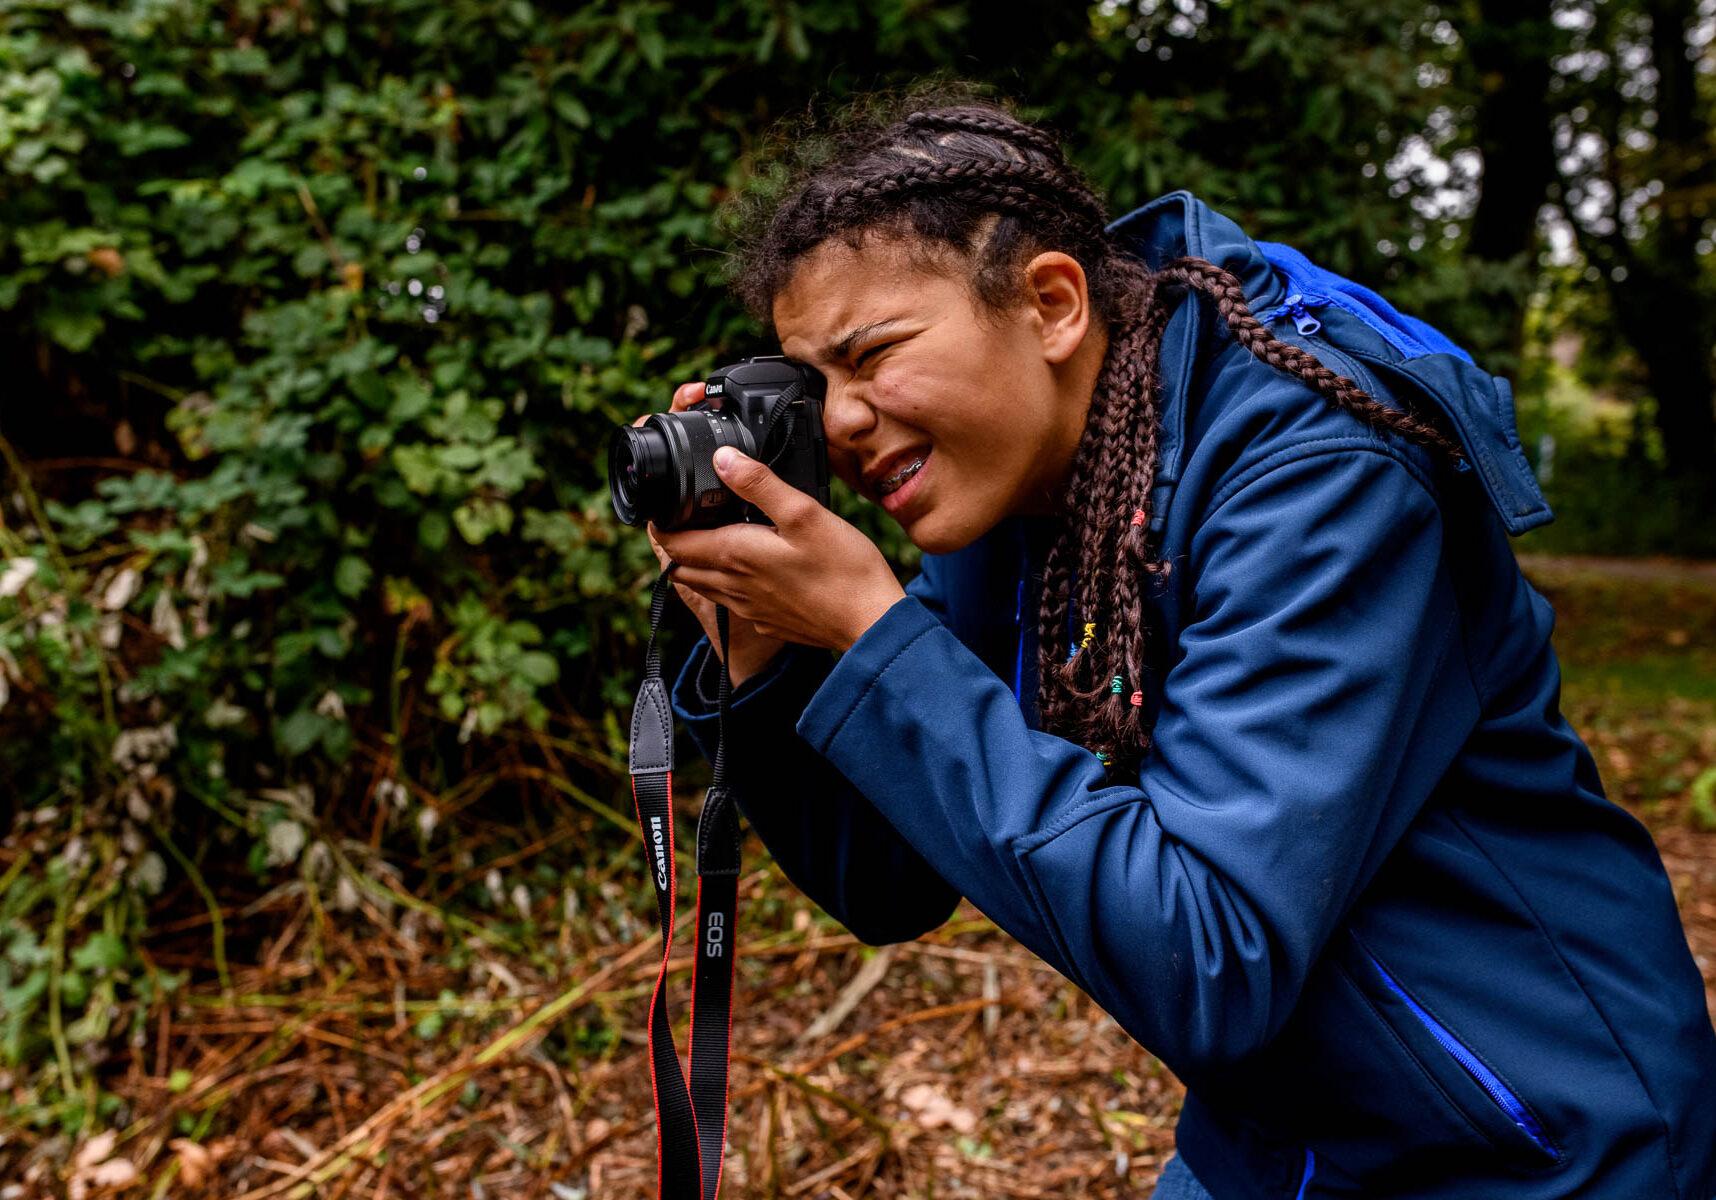 Cursus fotografie-voor-tieners-online-cursus-fotografie-Maarssen-Utrecht-Twente-Overijssel-Het-echte-leven-fotograferen-foto-Sandra-Stokmans-Fotografie_SSF0647